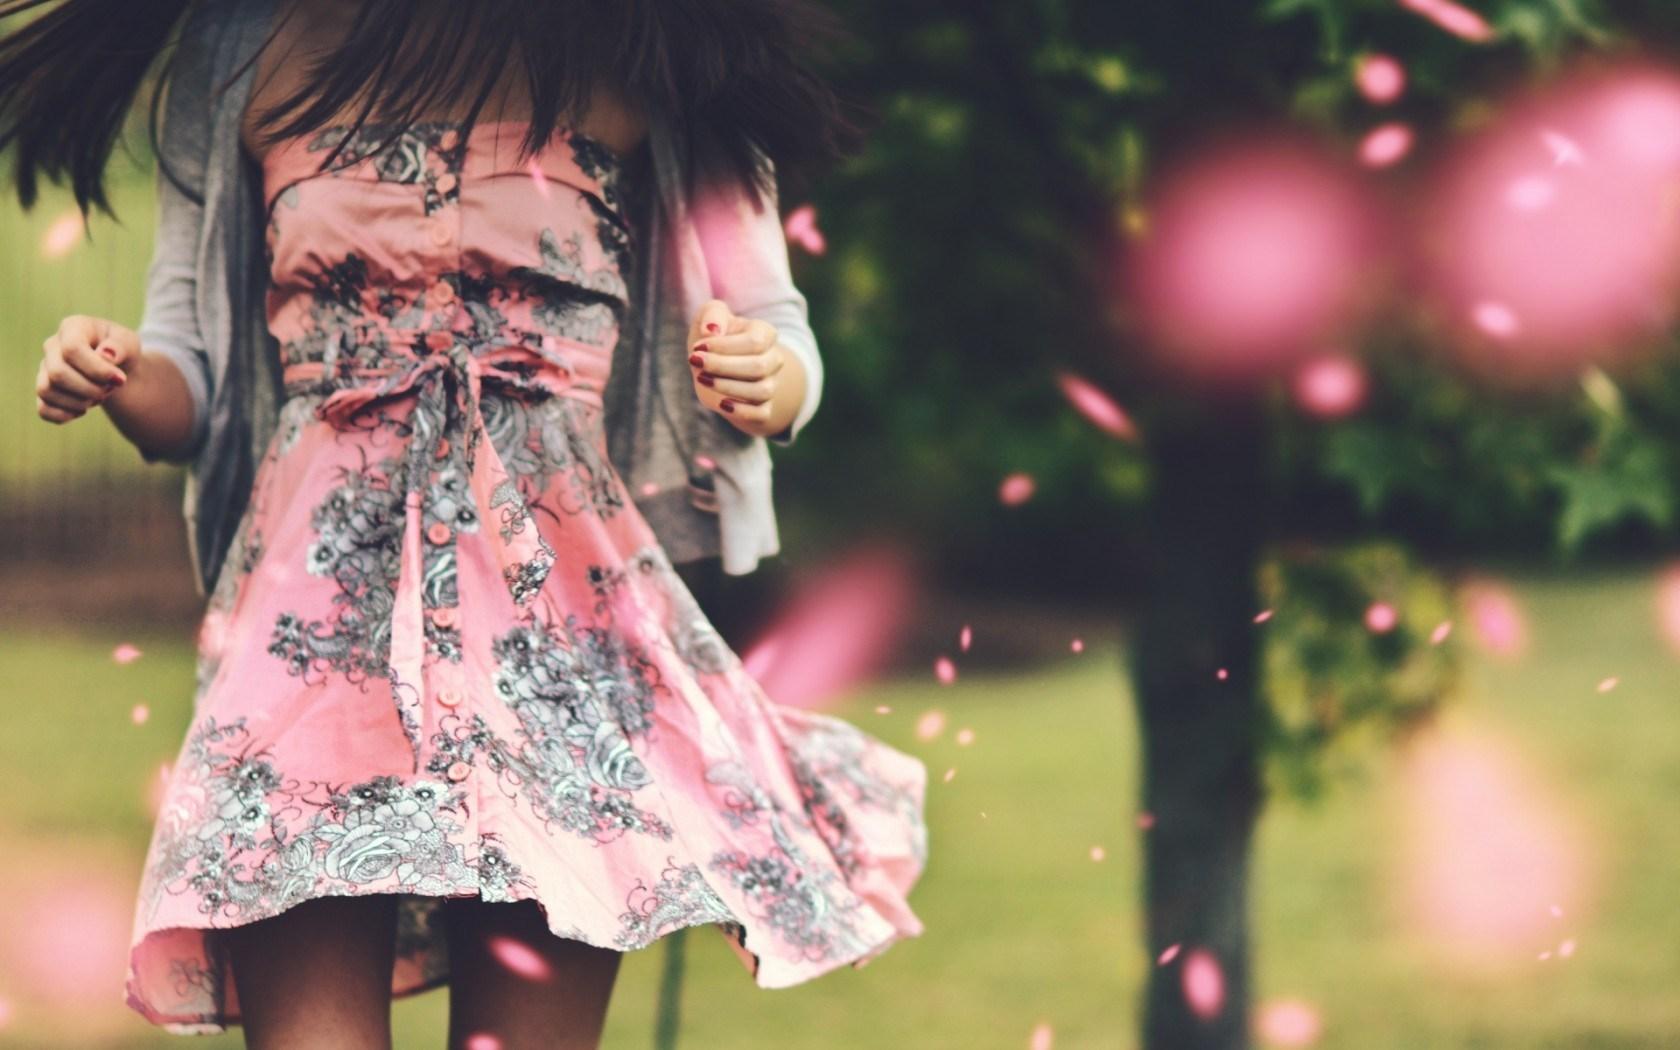 Mood Girl Brunette Style Dress Bokeh